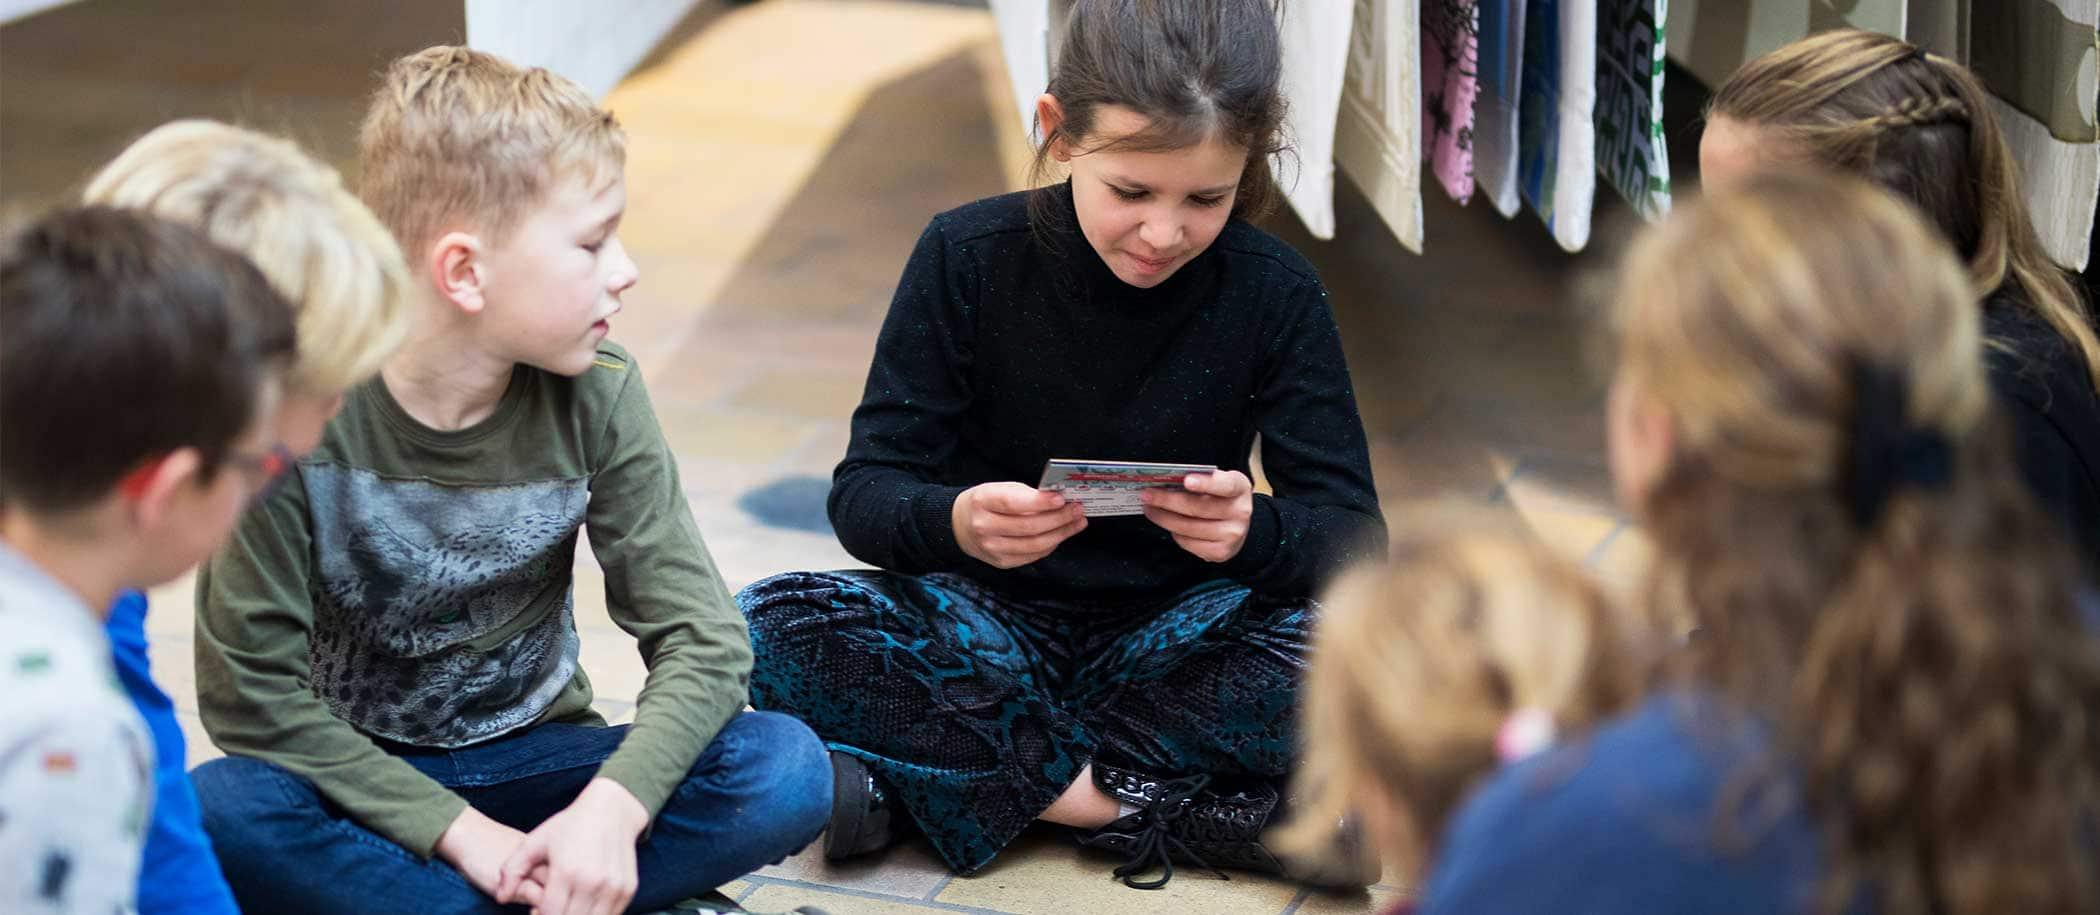 kinderen zitten op de grond met Museum Dobbelspel